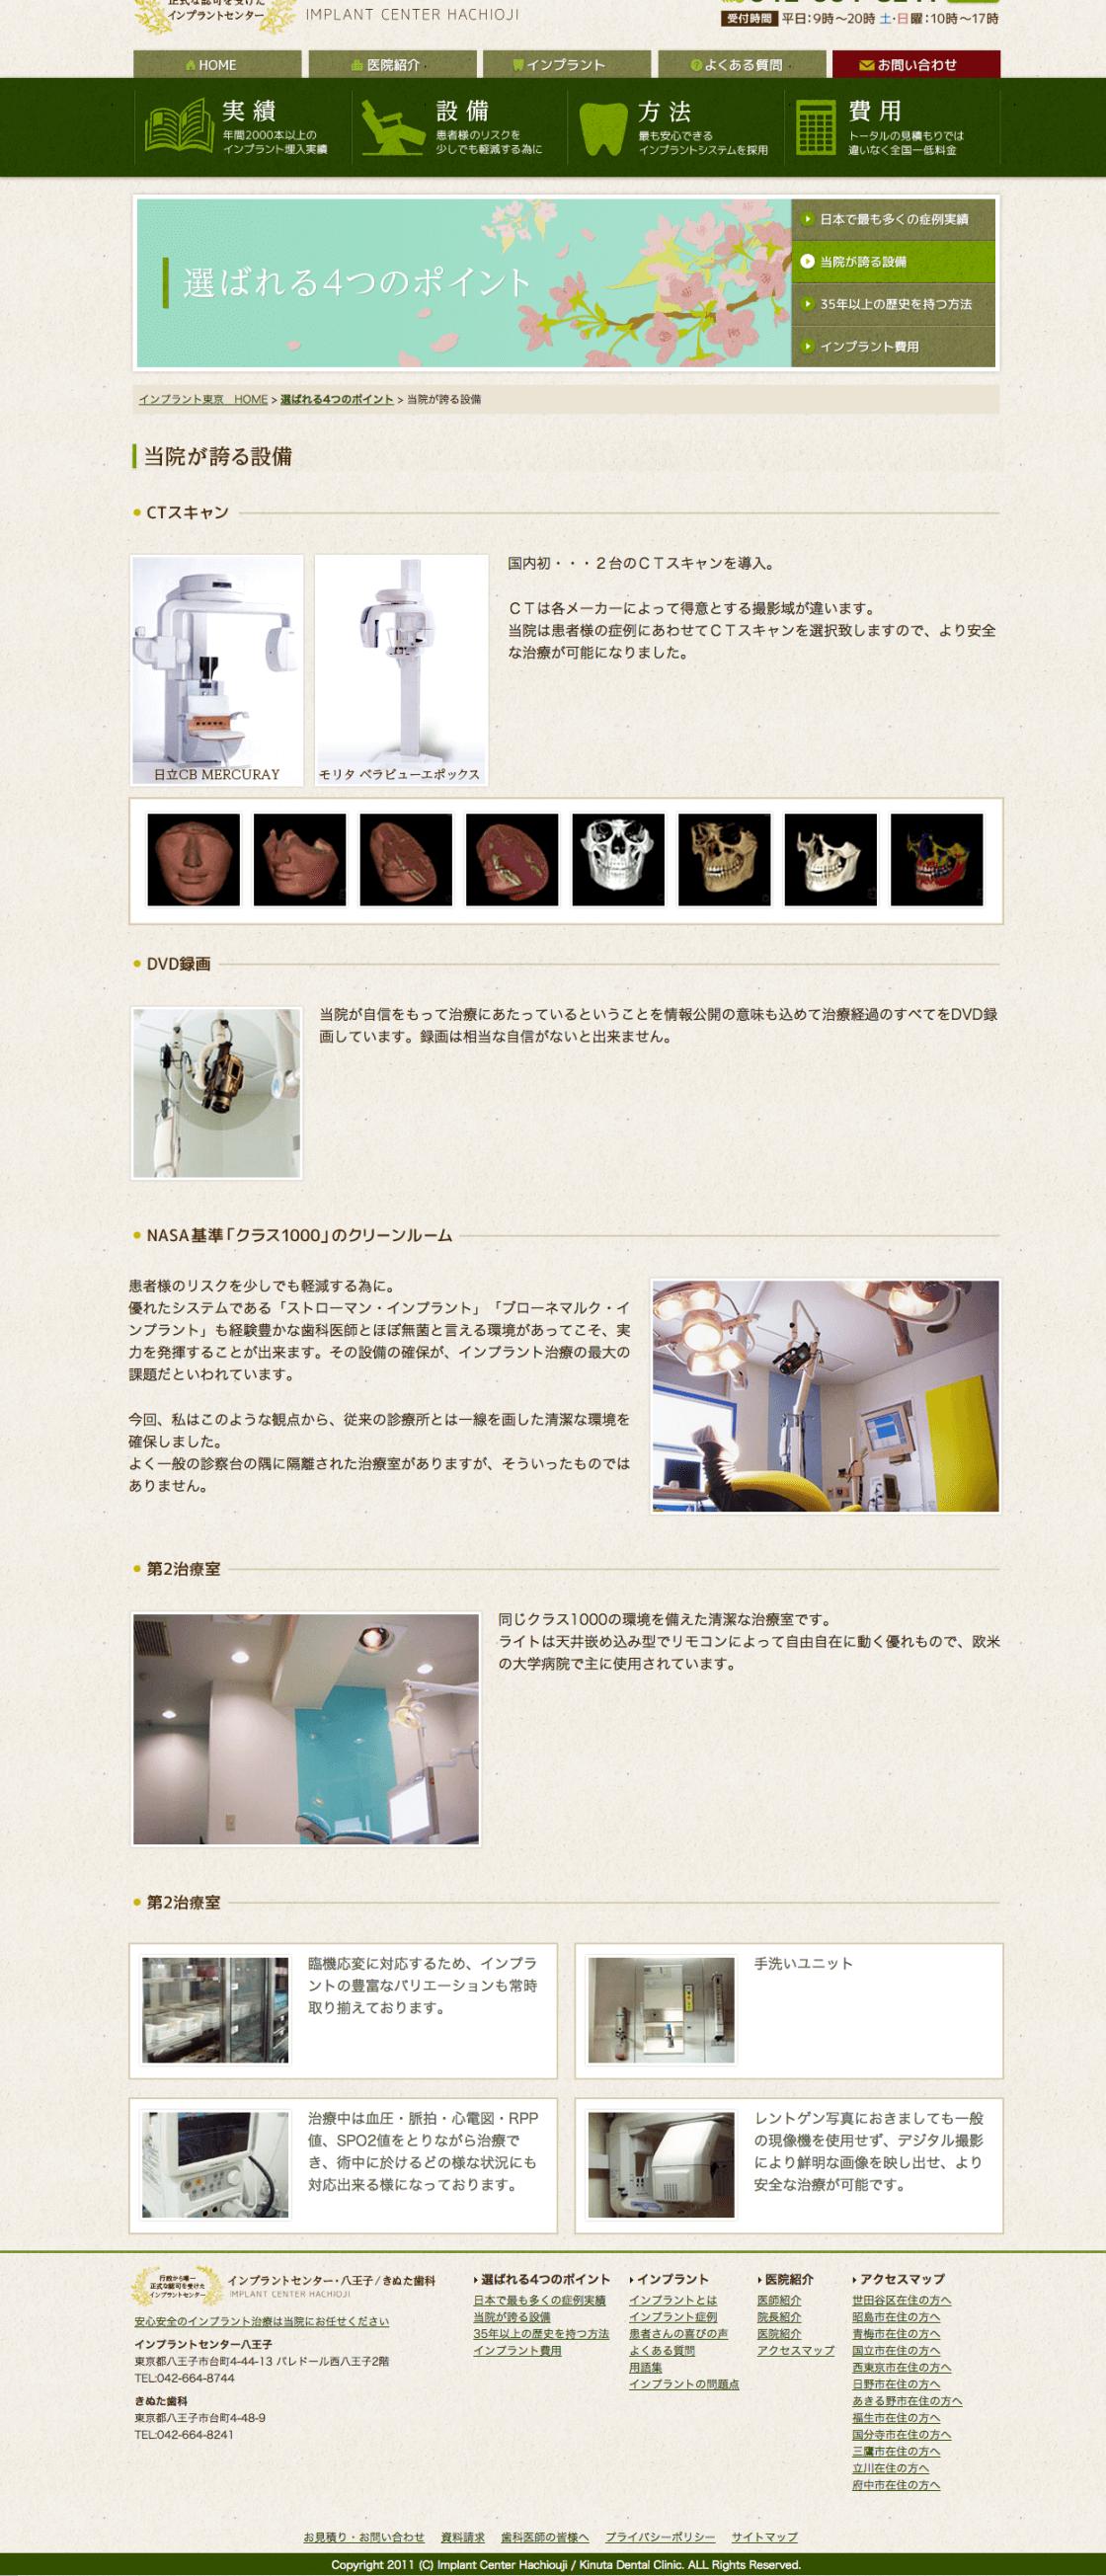 implant_02-1120x2609